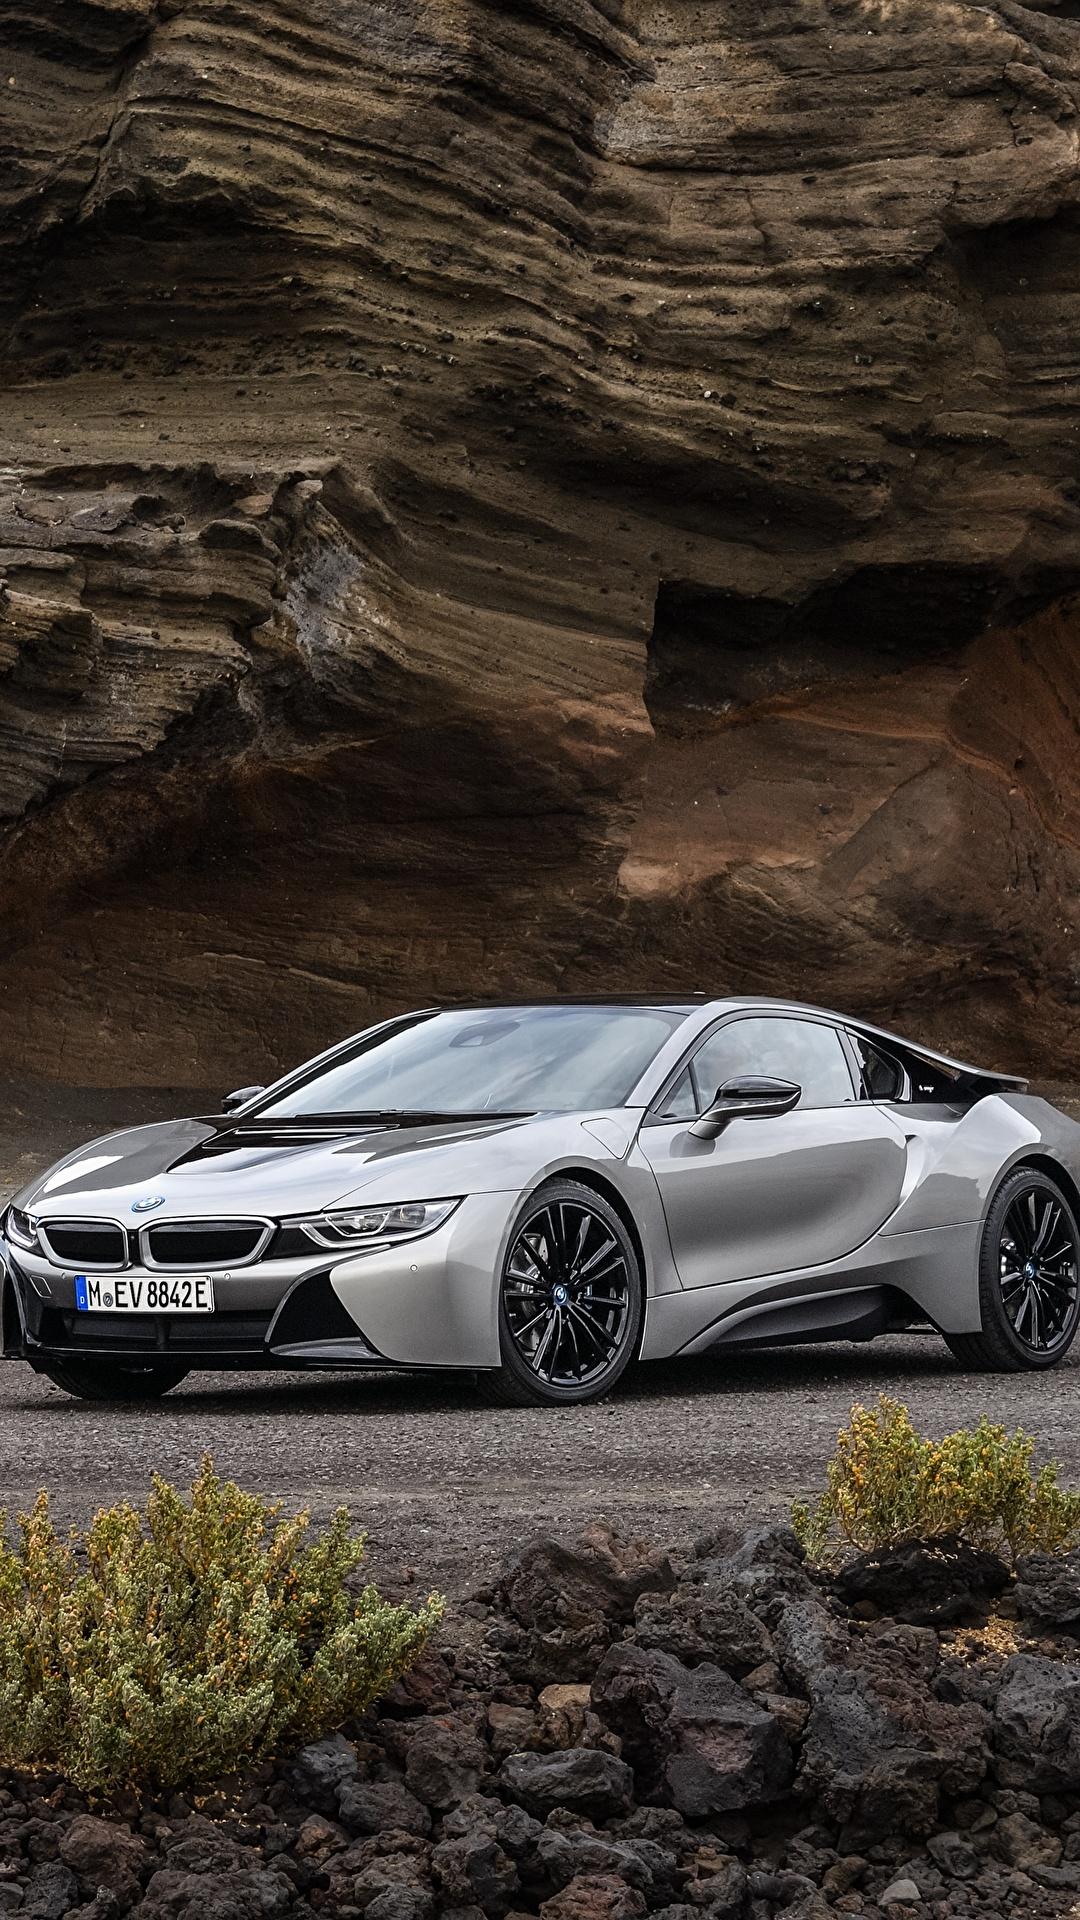 Картинки BMW 2018 i8 Купе серая Металлик автомобиль 1080x1920 БМВ серые Серый авто машина машины Автомобили